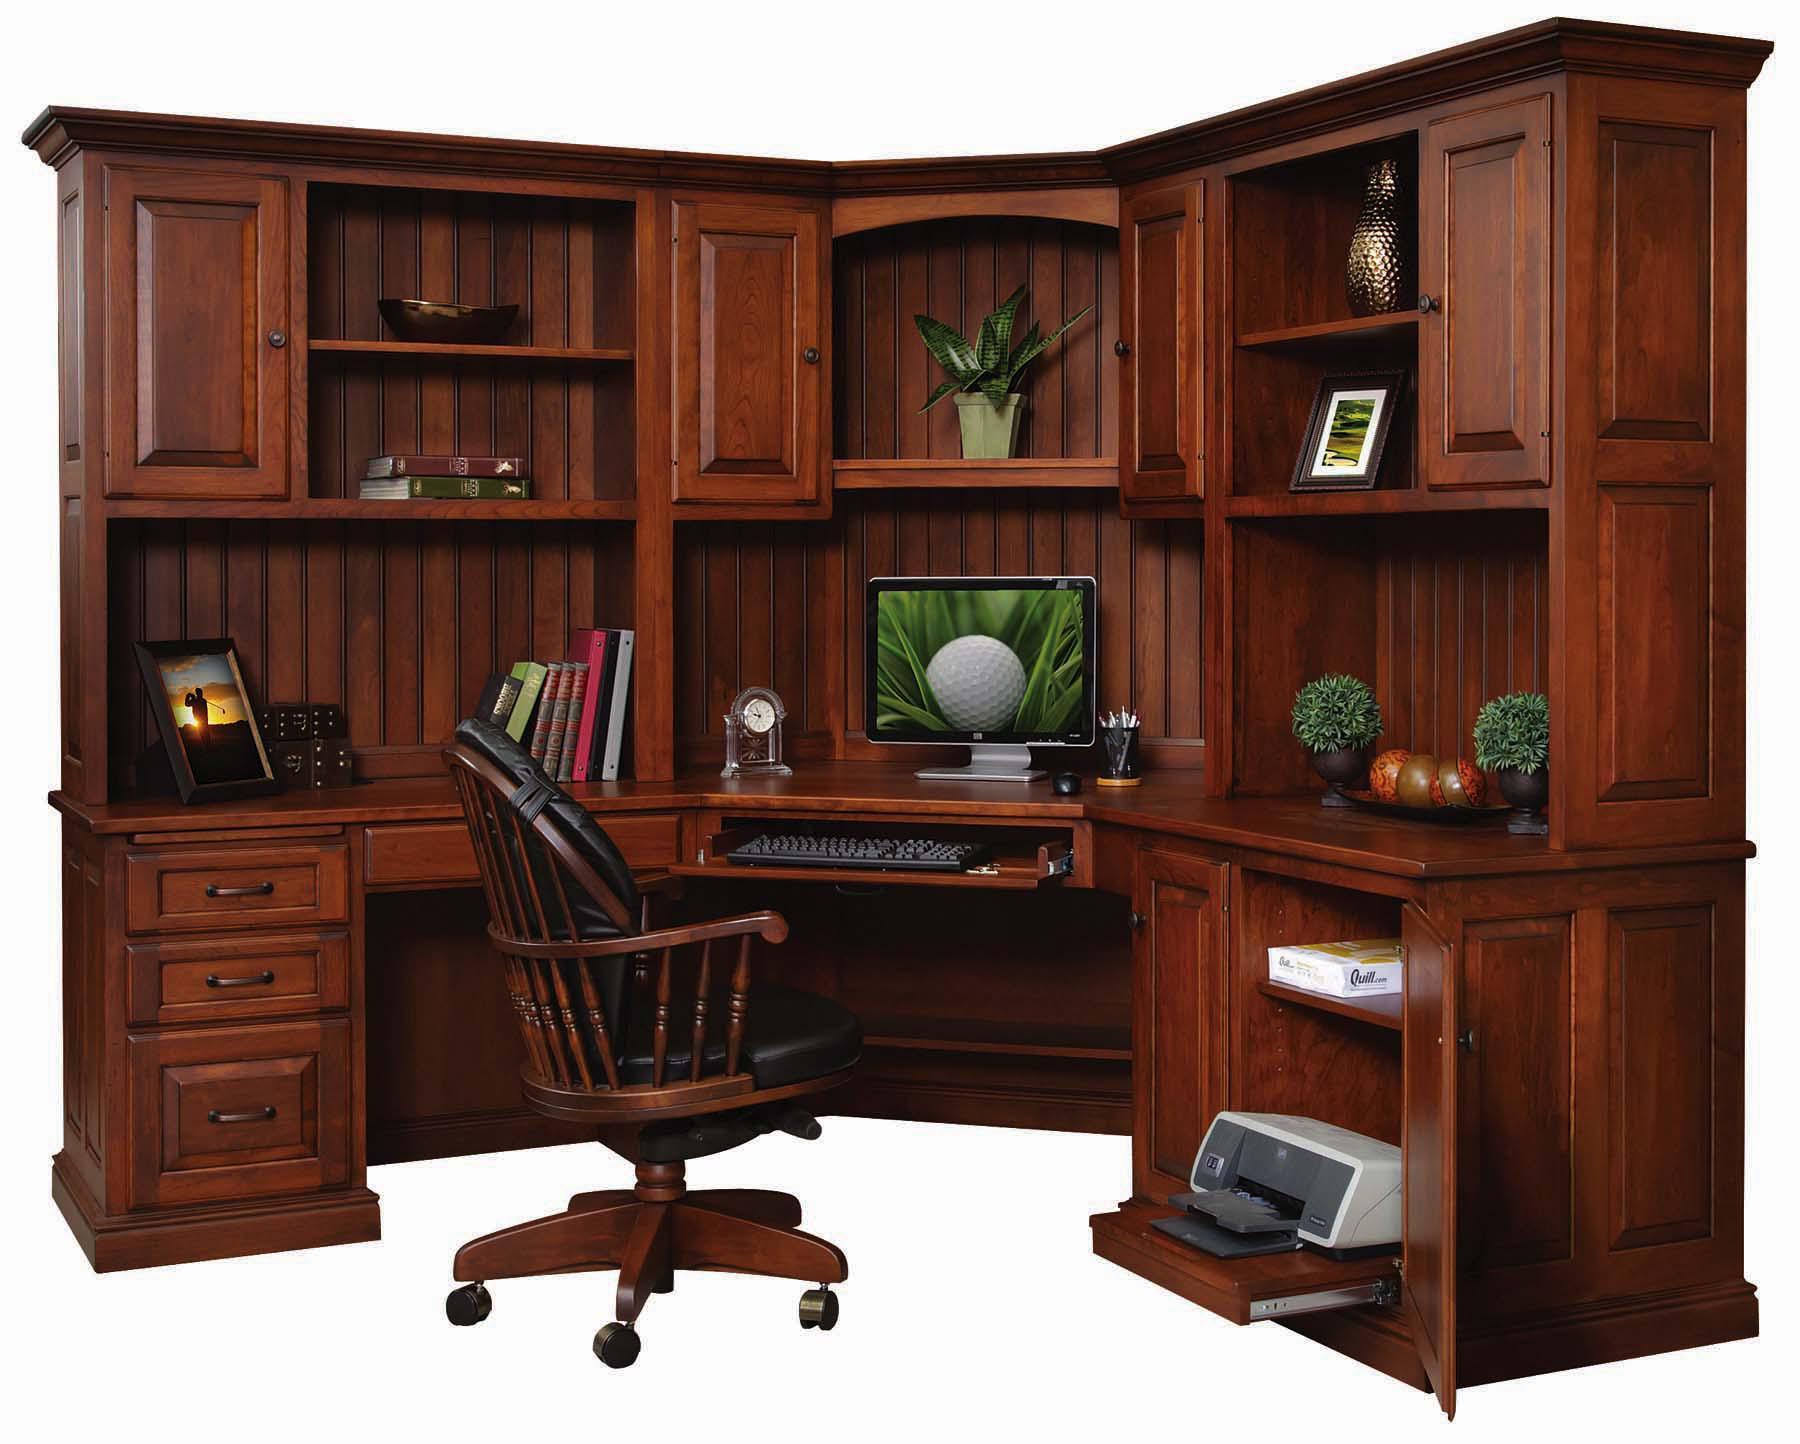 Office pro 6200